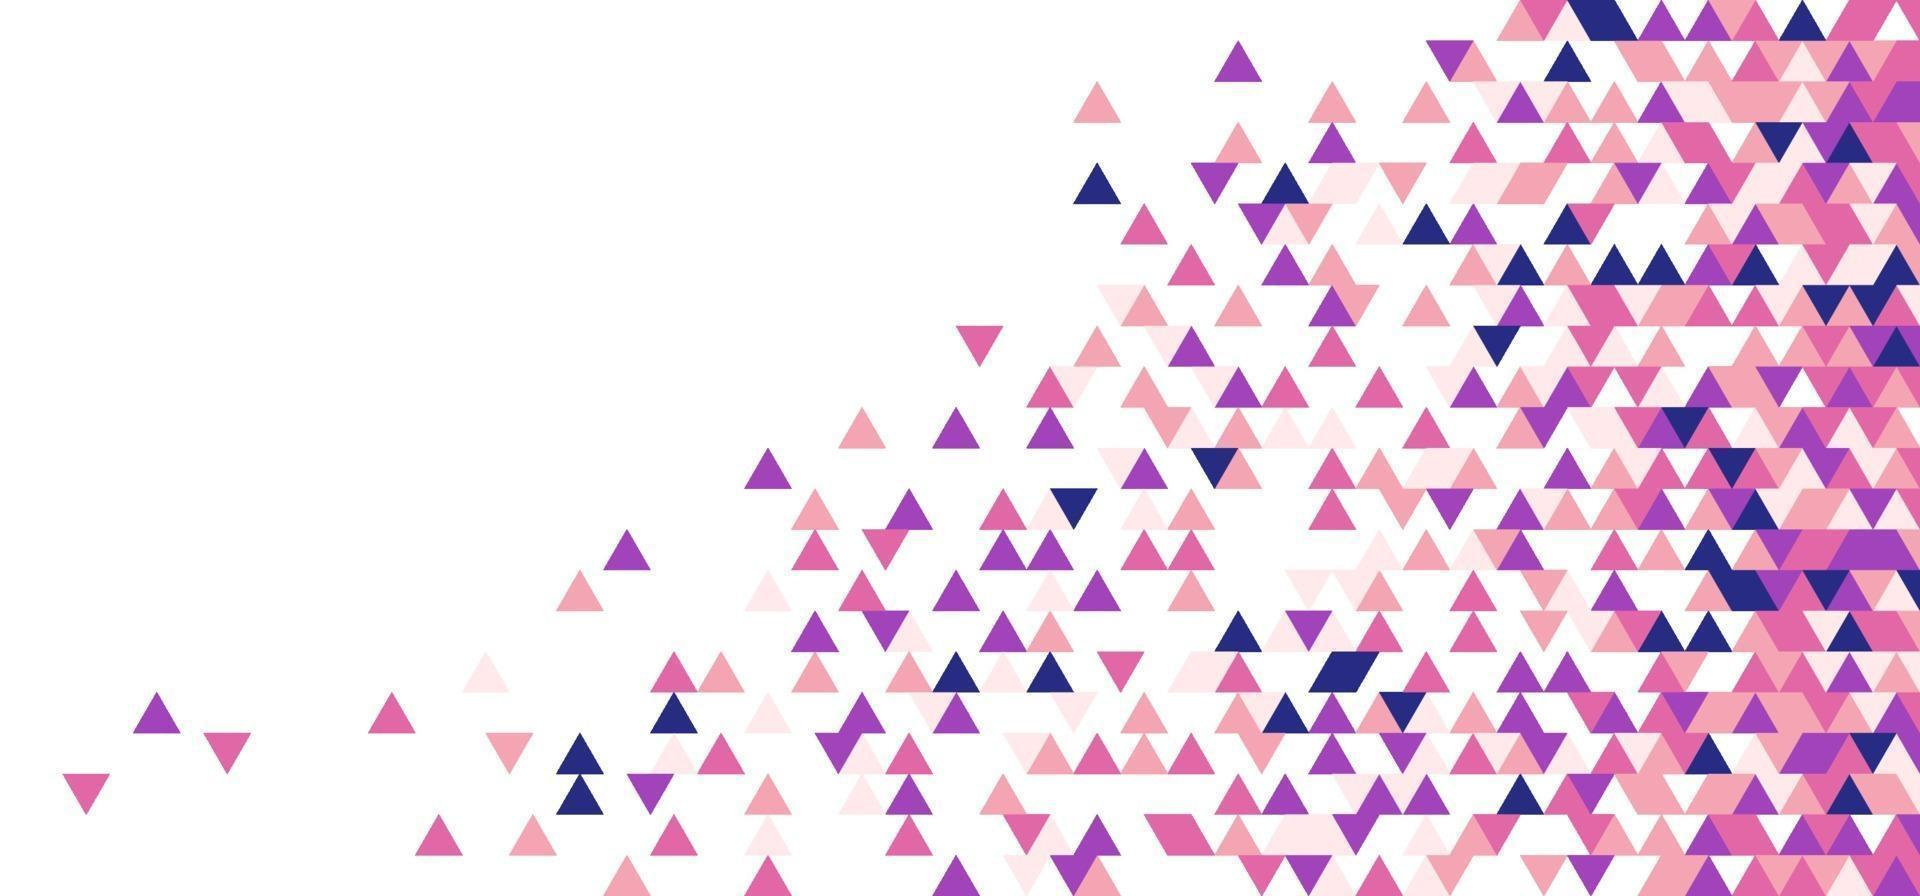 abstract roze, paars, blauw geometrisch het mozaïekpatroon van de driehoekenvorm op witte achtergrond vector